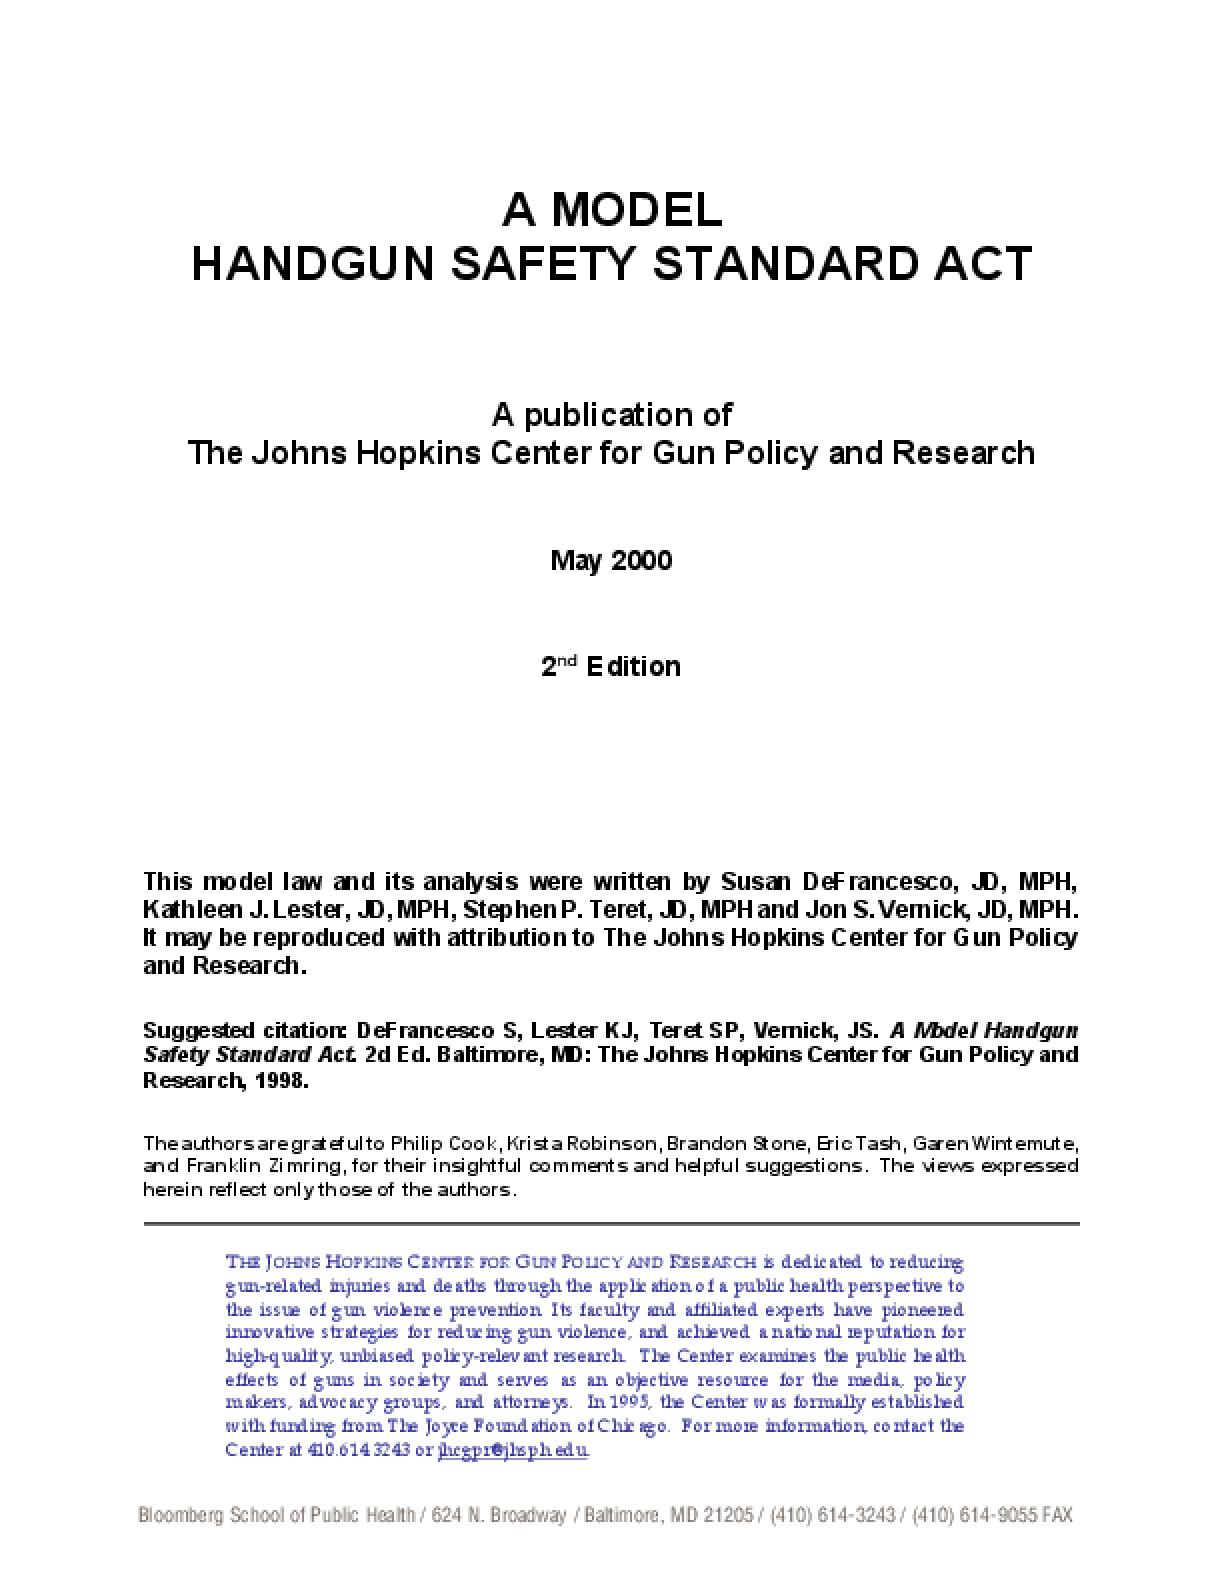 A Model Handgun Safety Standard Act (2nd Ed.)